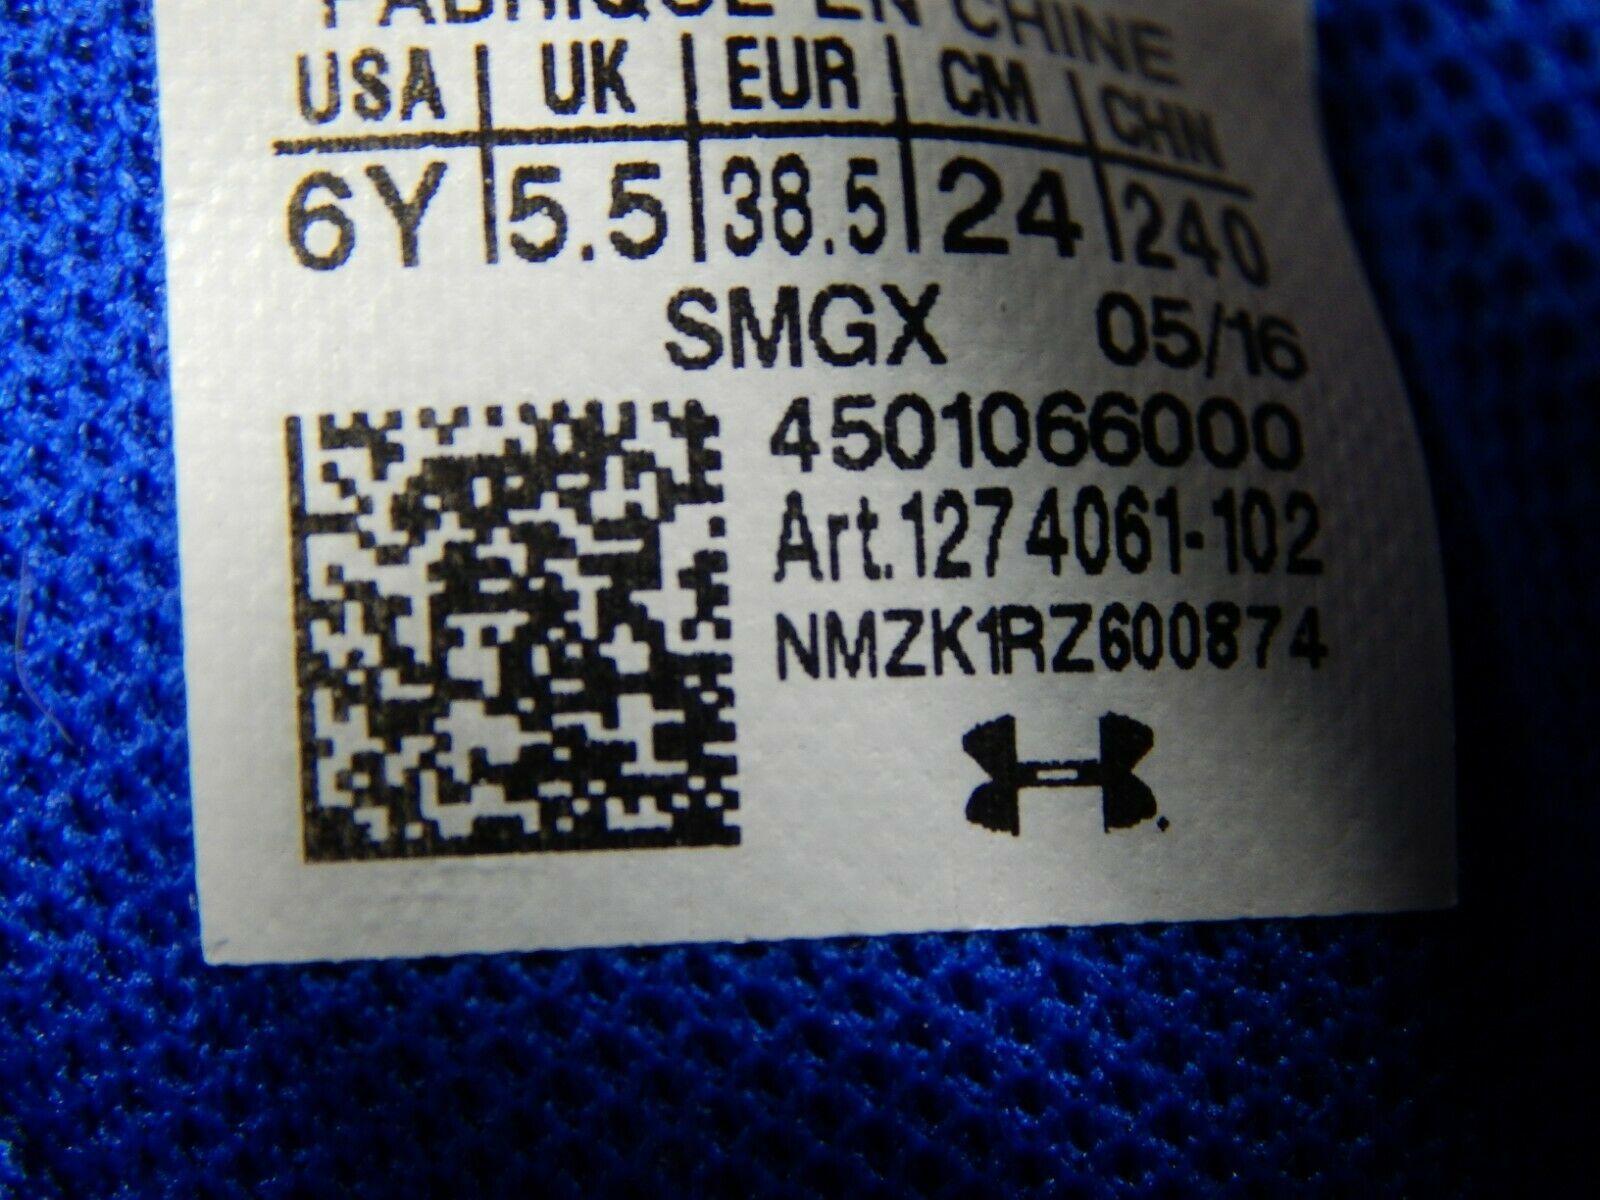 Under Armour Curry 3 Taille 6 M (Y) Eu 38,5 pour Garçons Enfants